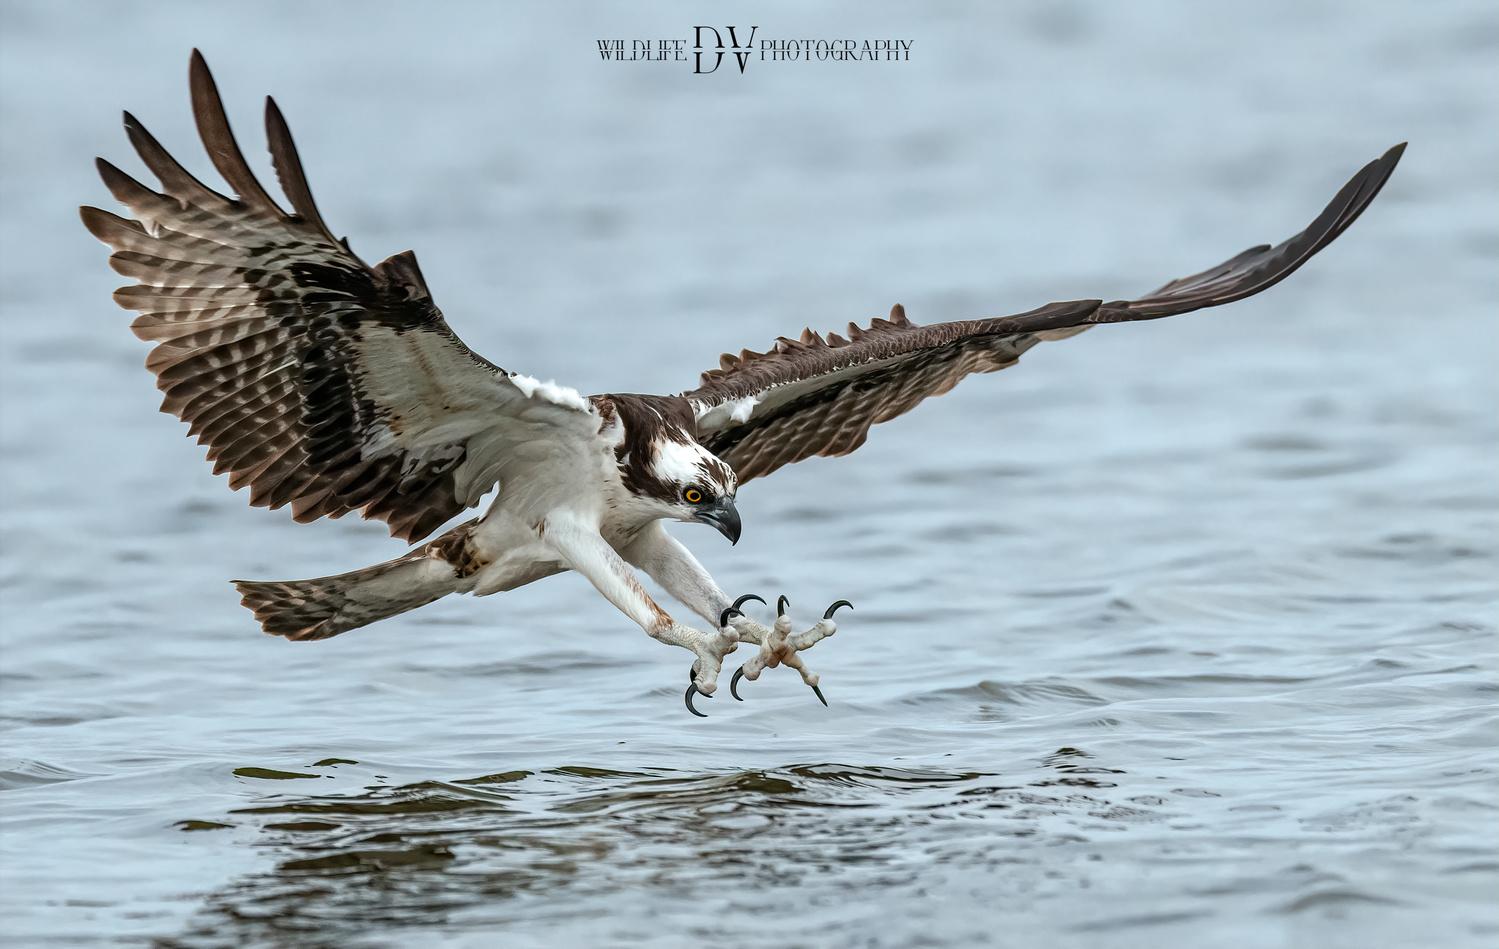 Osprey Pick Up by Dick Vautrinot